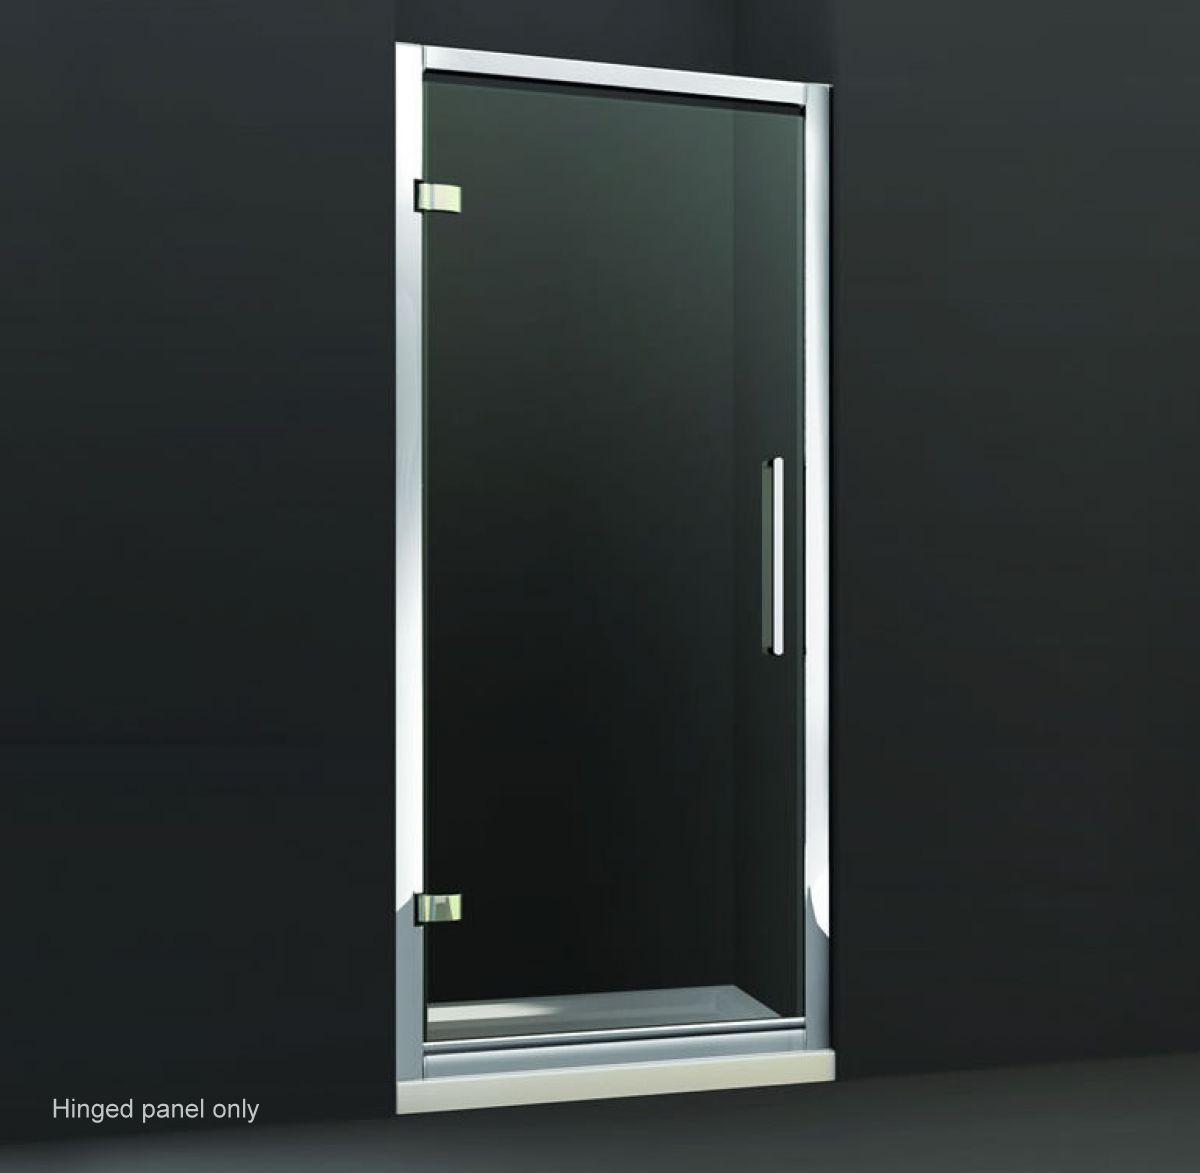 Merlyn series 8 hinged shower door uk bathrooms merlyn series 8 hinged shower door vtopaller Gallery